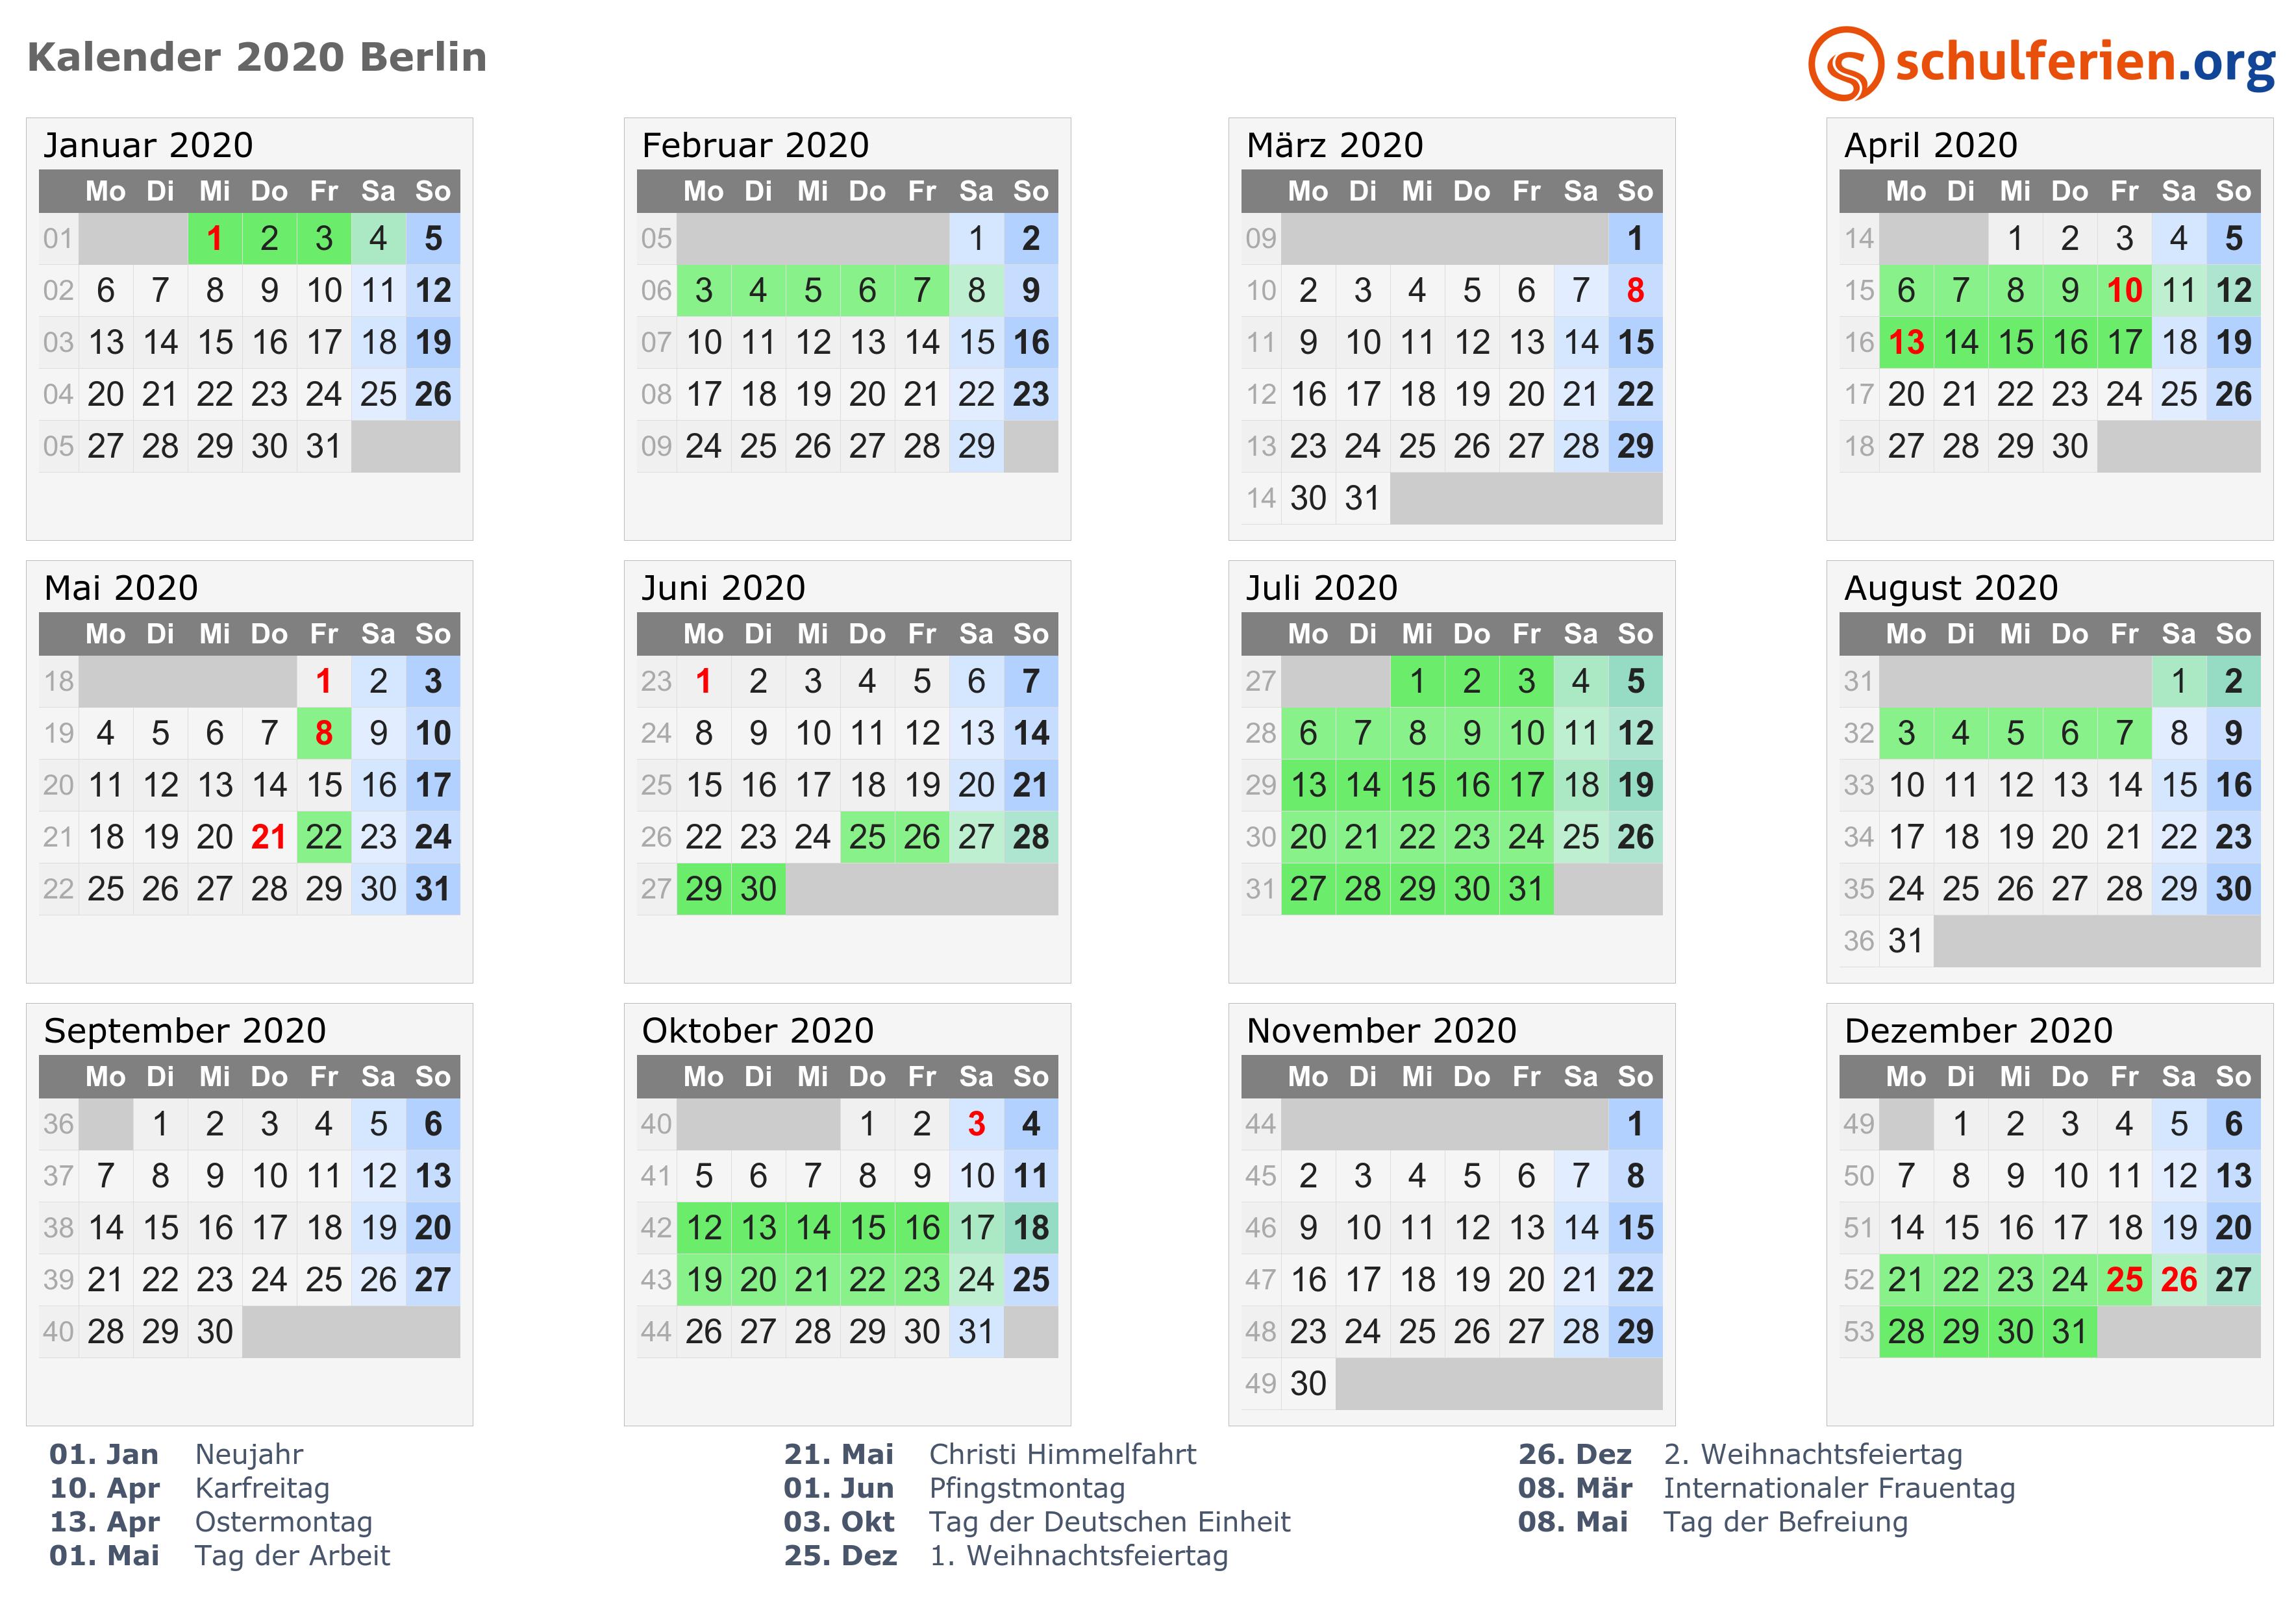 Gesetzliche feiertage berlin 2020